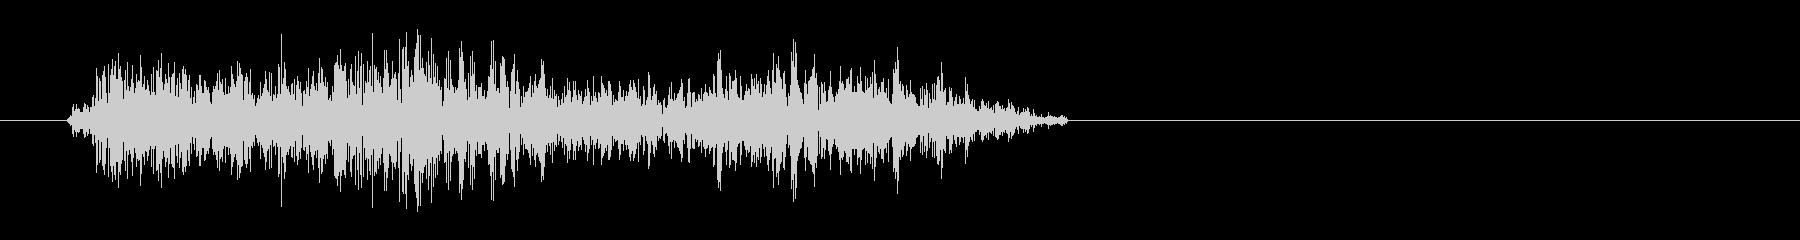 シャー(もしくはチュイン)短い音の未再生の波形